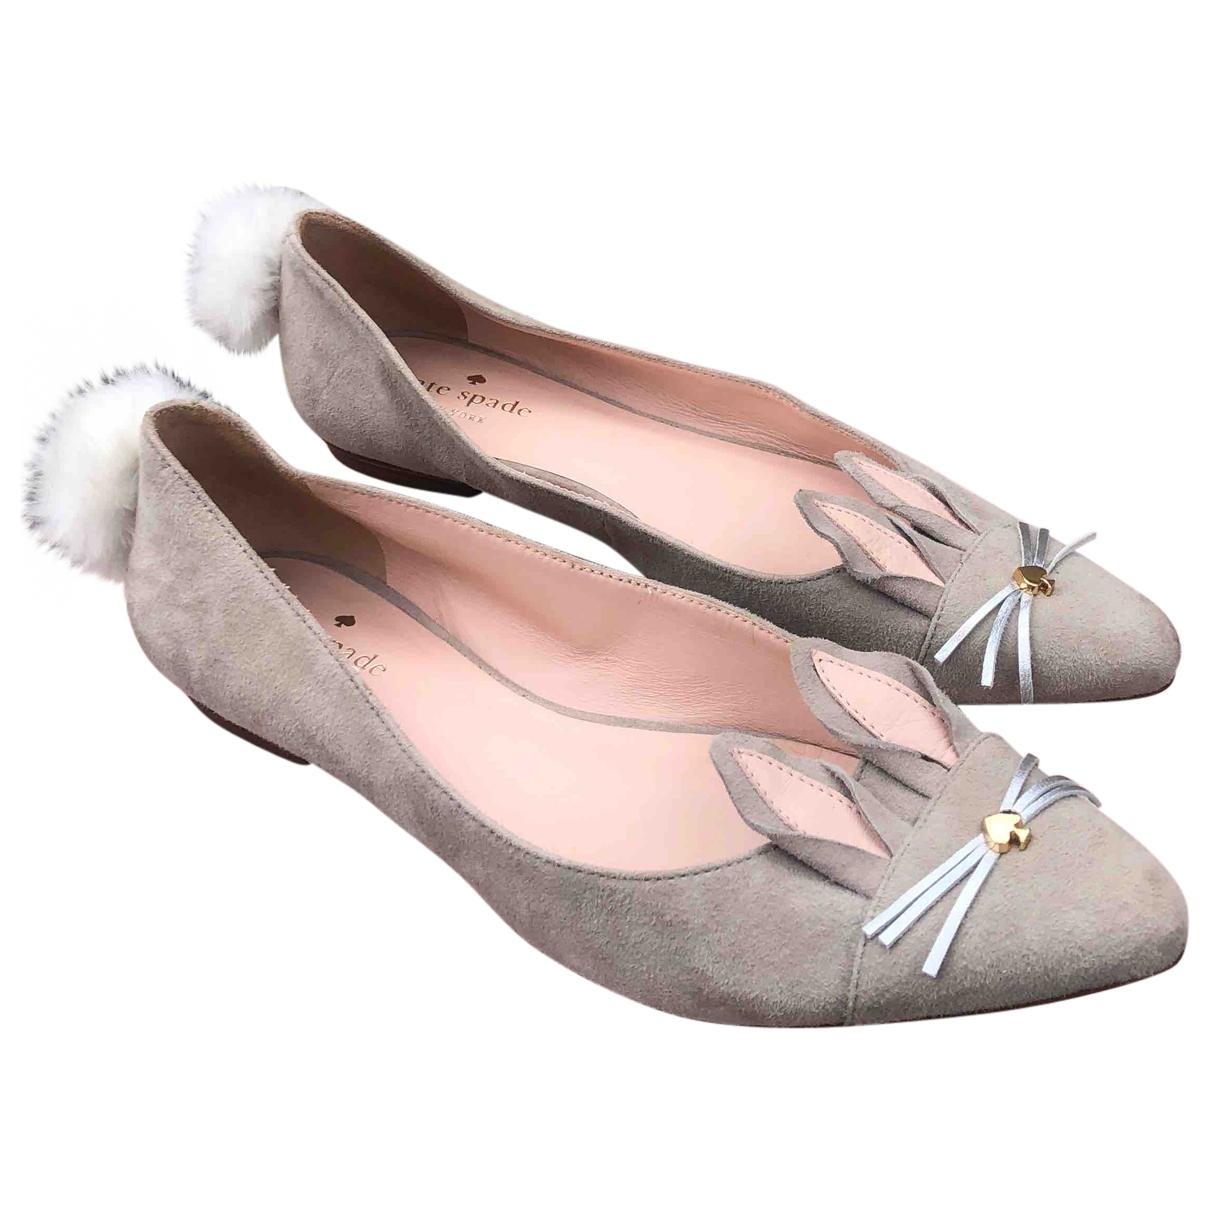 Bailarinas de Cuero Kate Spade